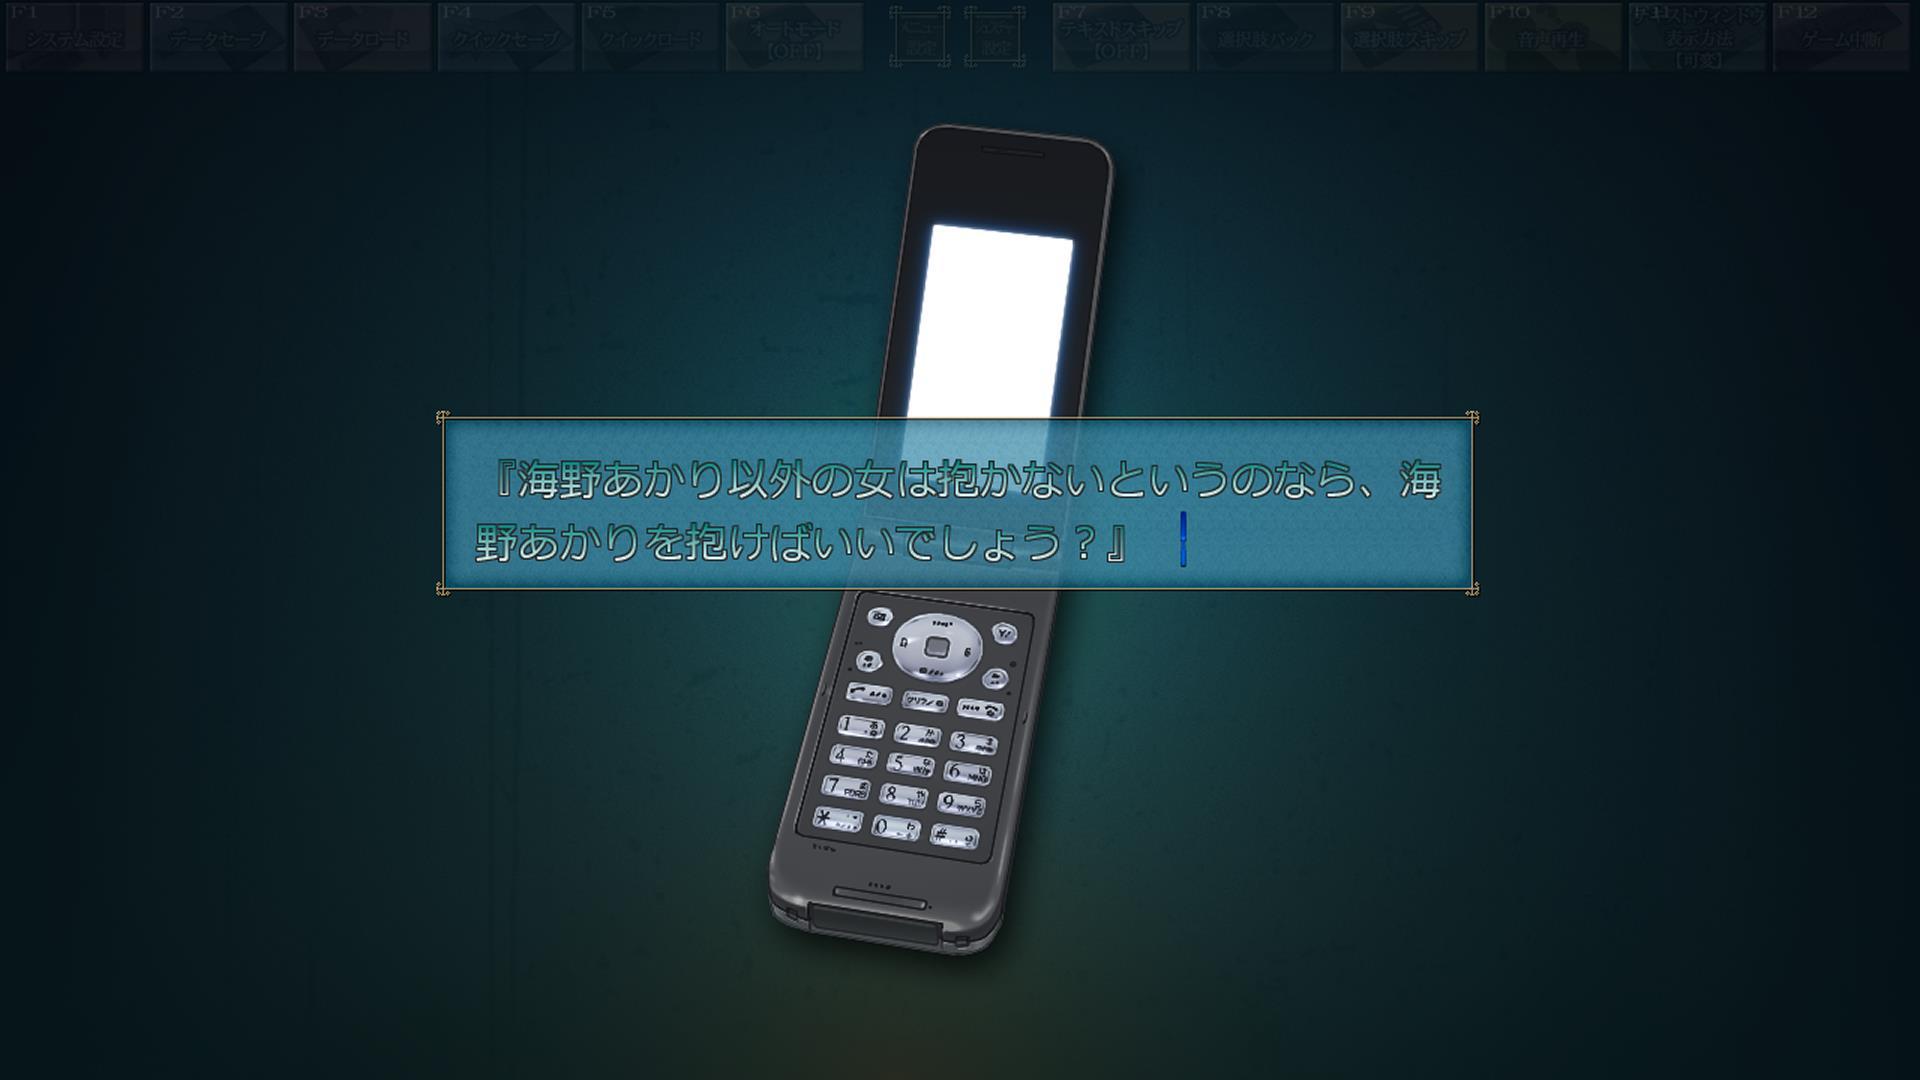 screeenshot-20200729203834487.jpg